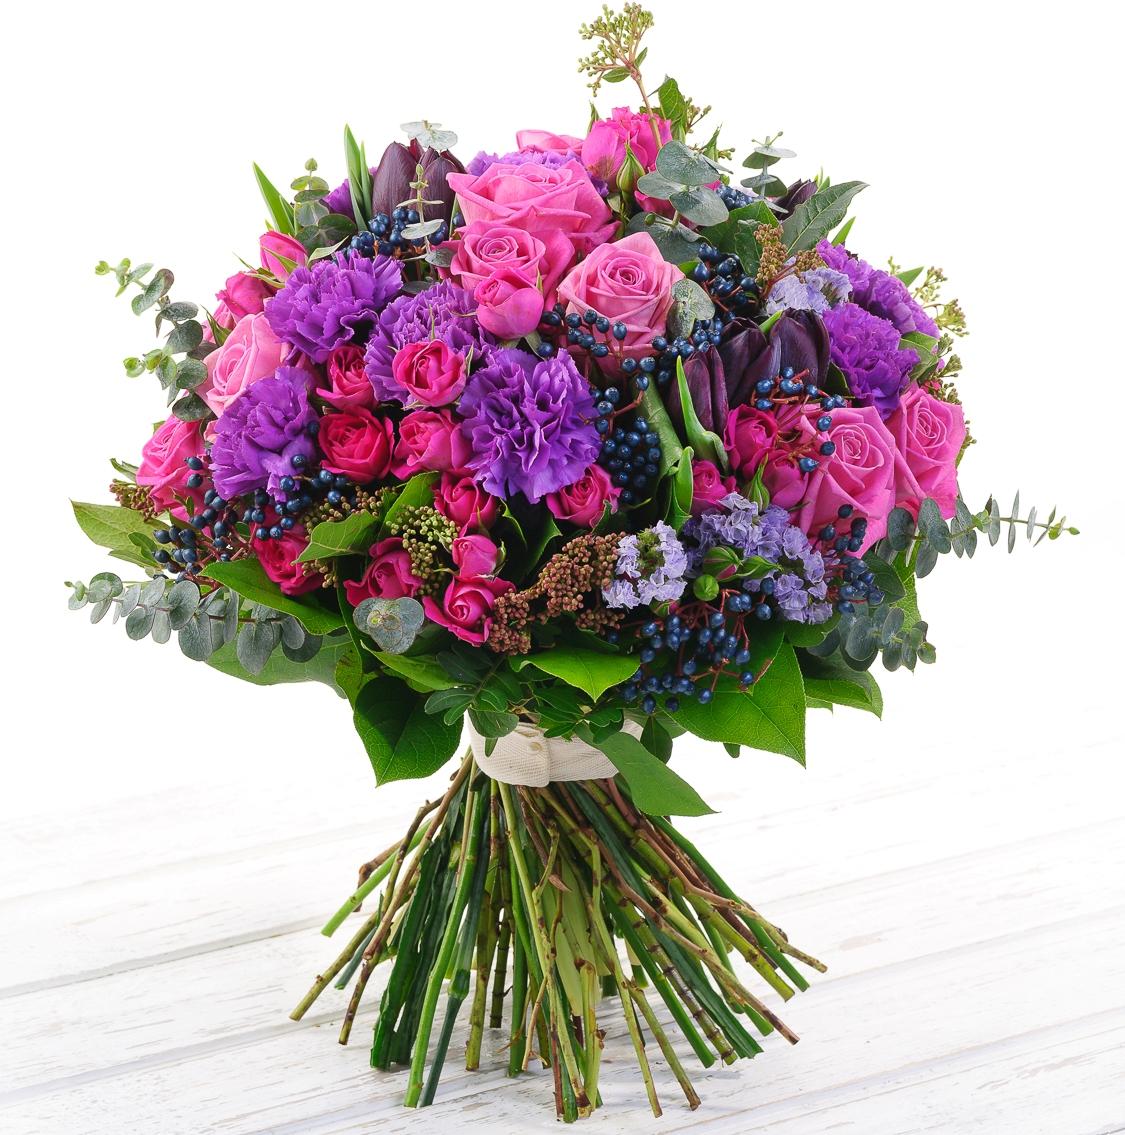 Авторский букет цветов Бланш нуаро и бланш